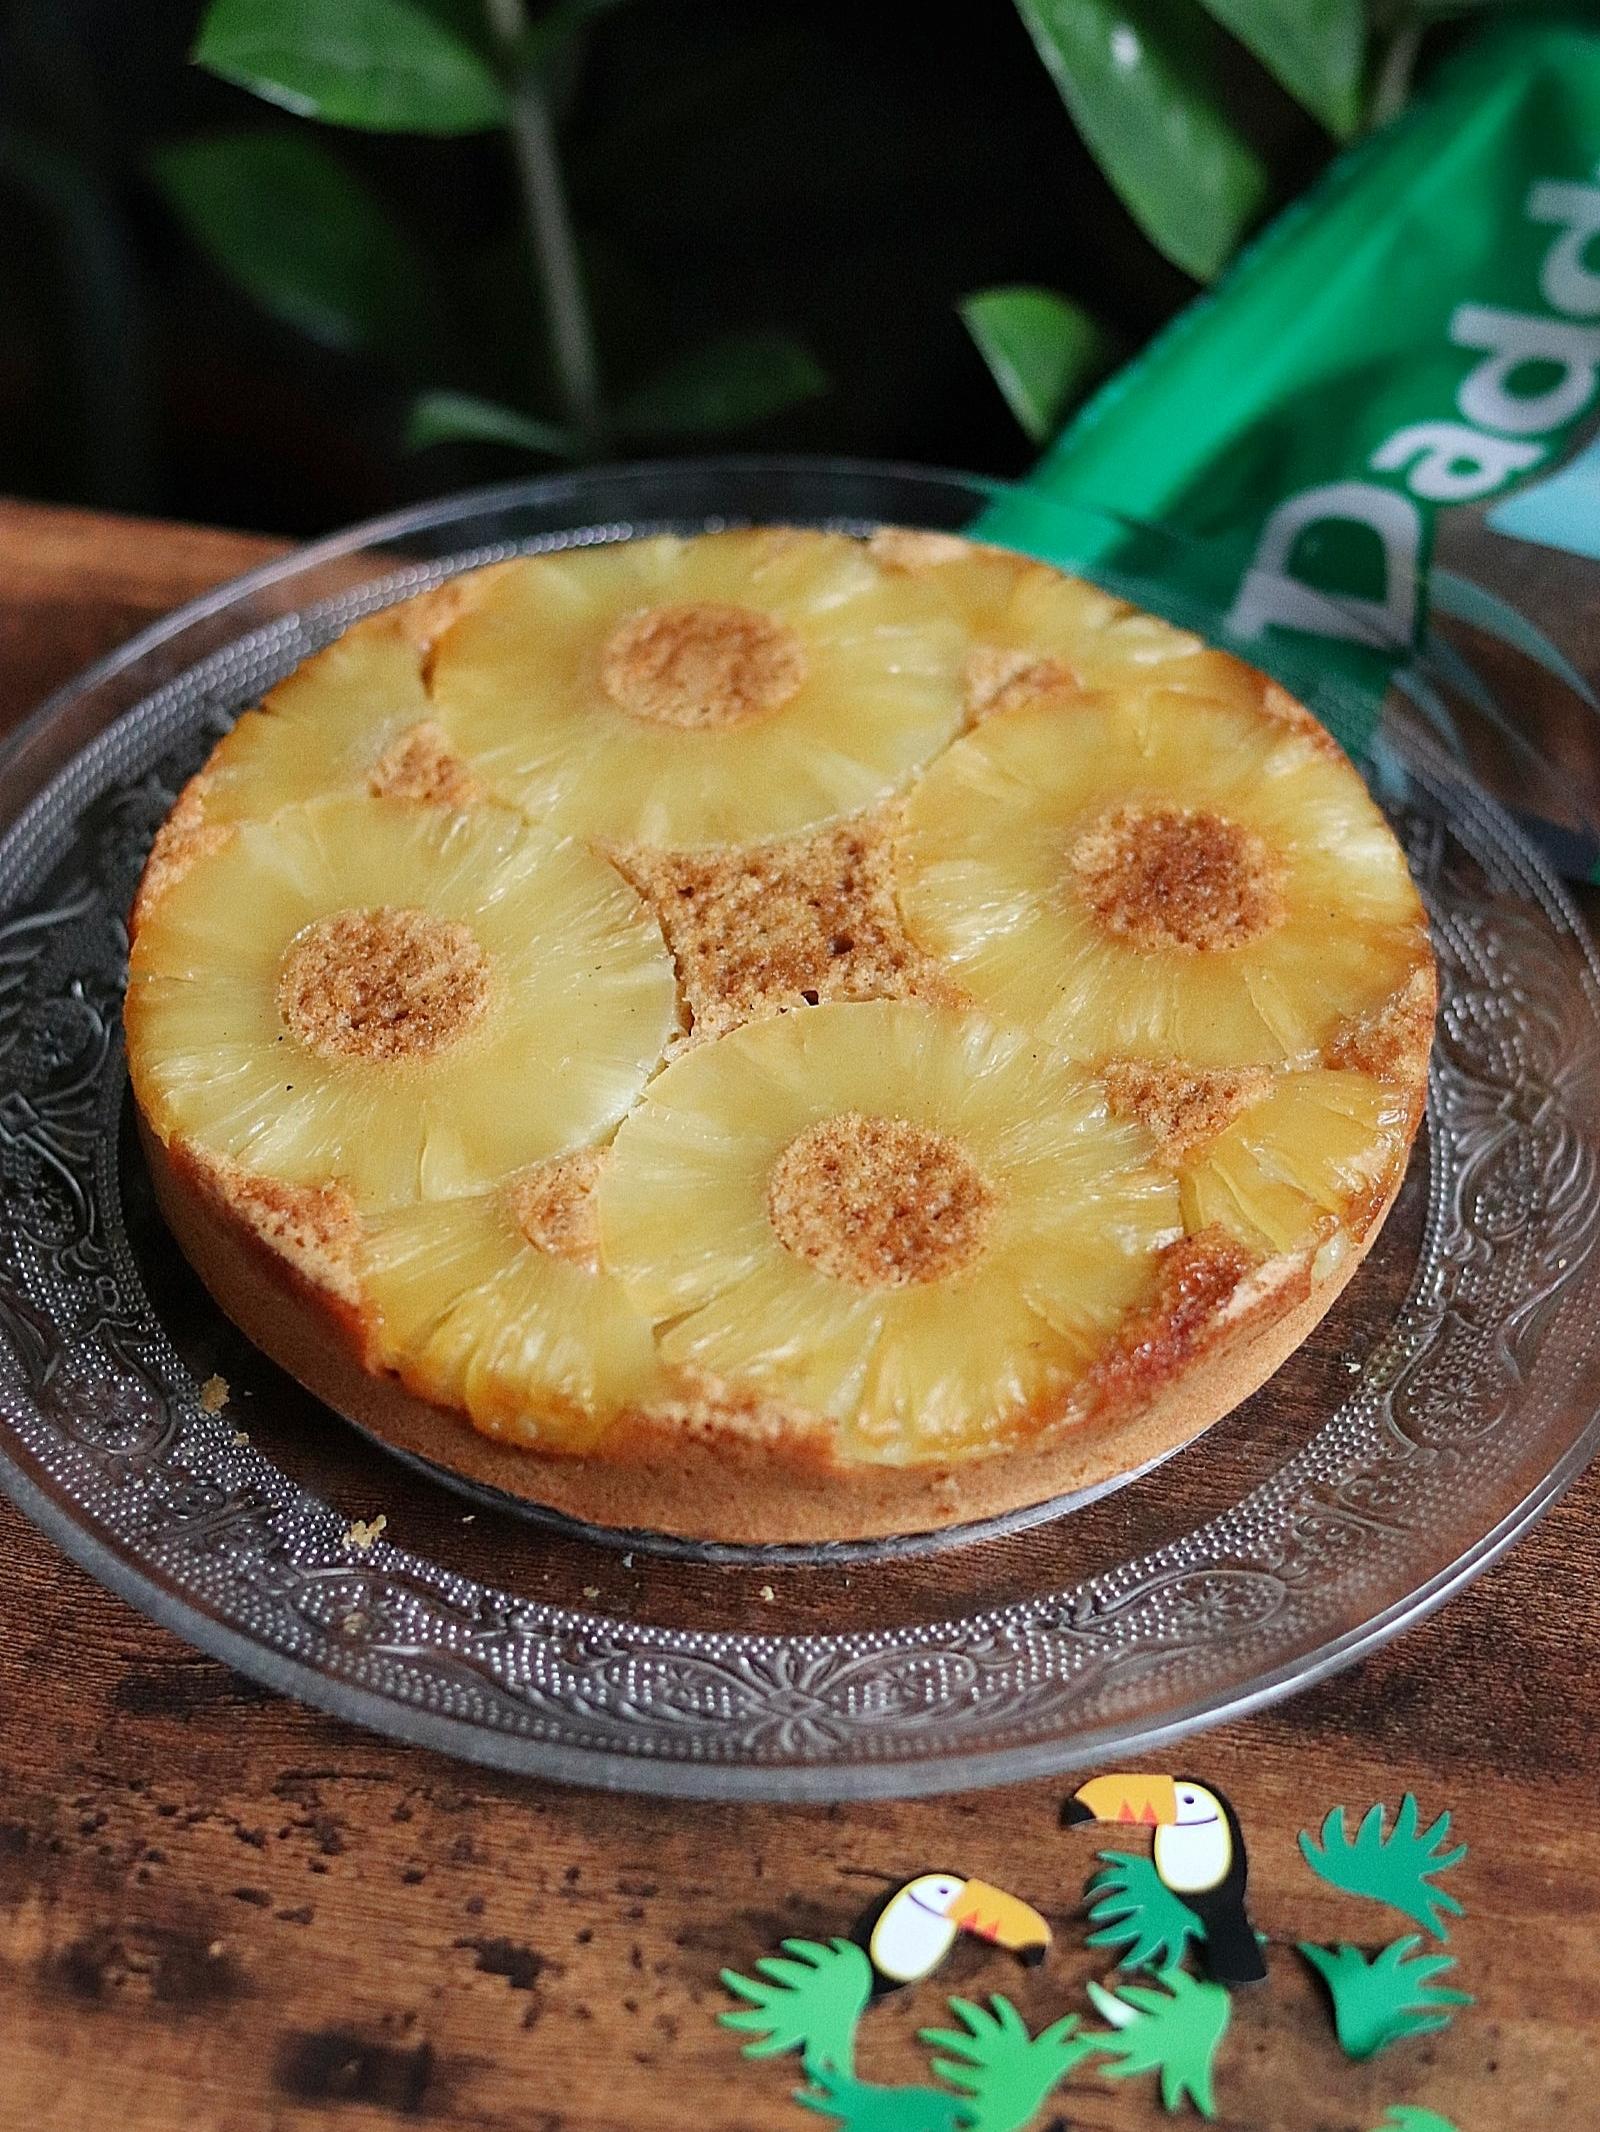 Gâteau renversé à l'ananas et sucre de coco, cannelle, vanille et gingembre (sans lactose, à teneur réduite en MG)